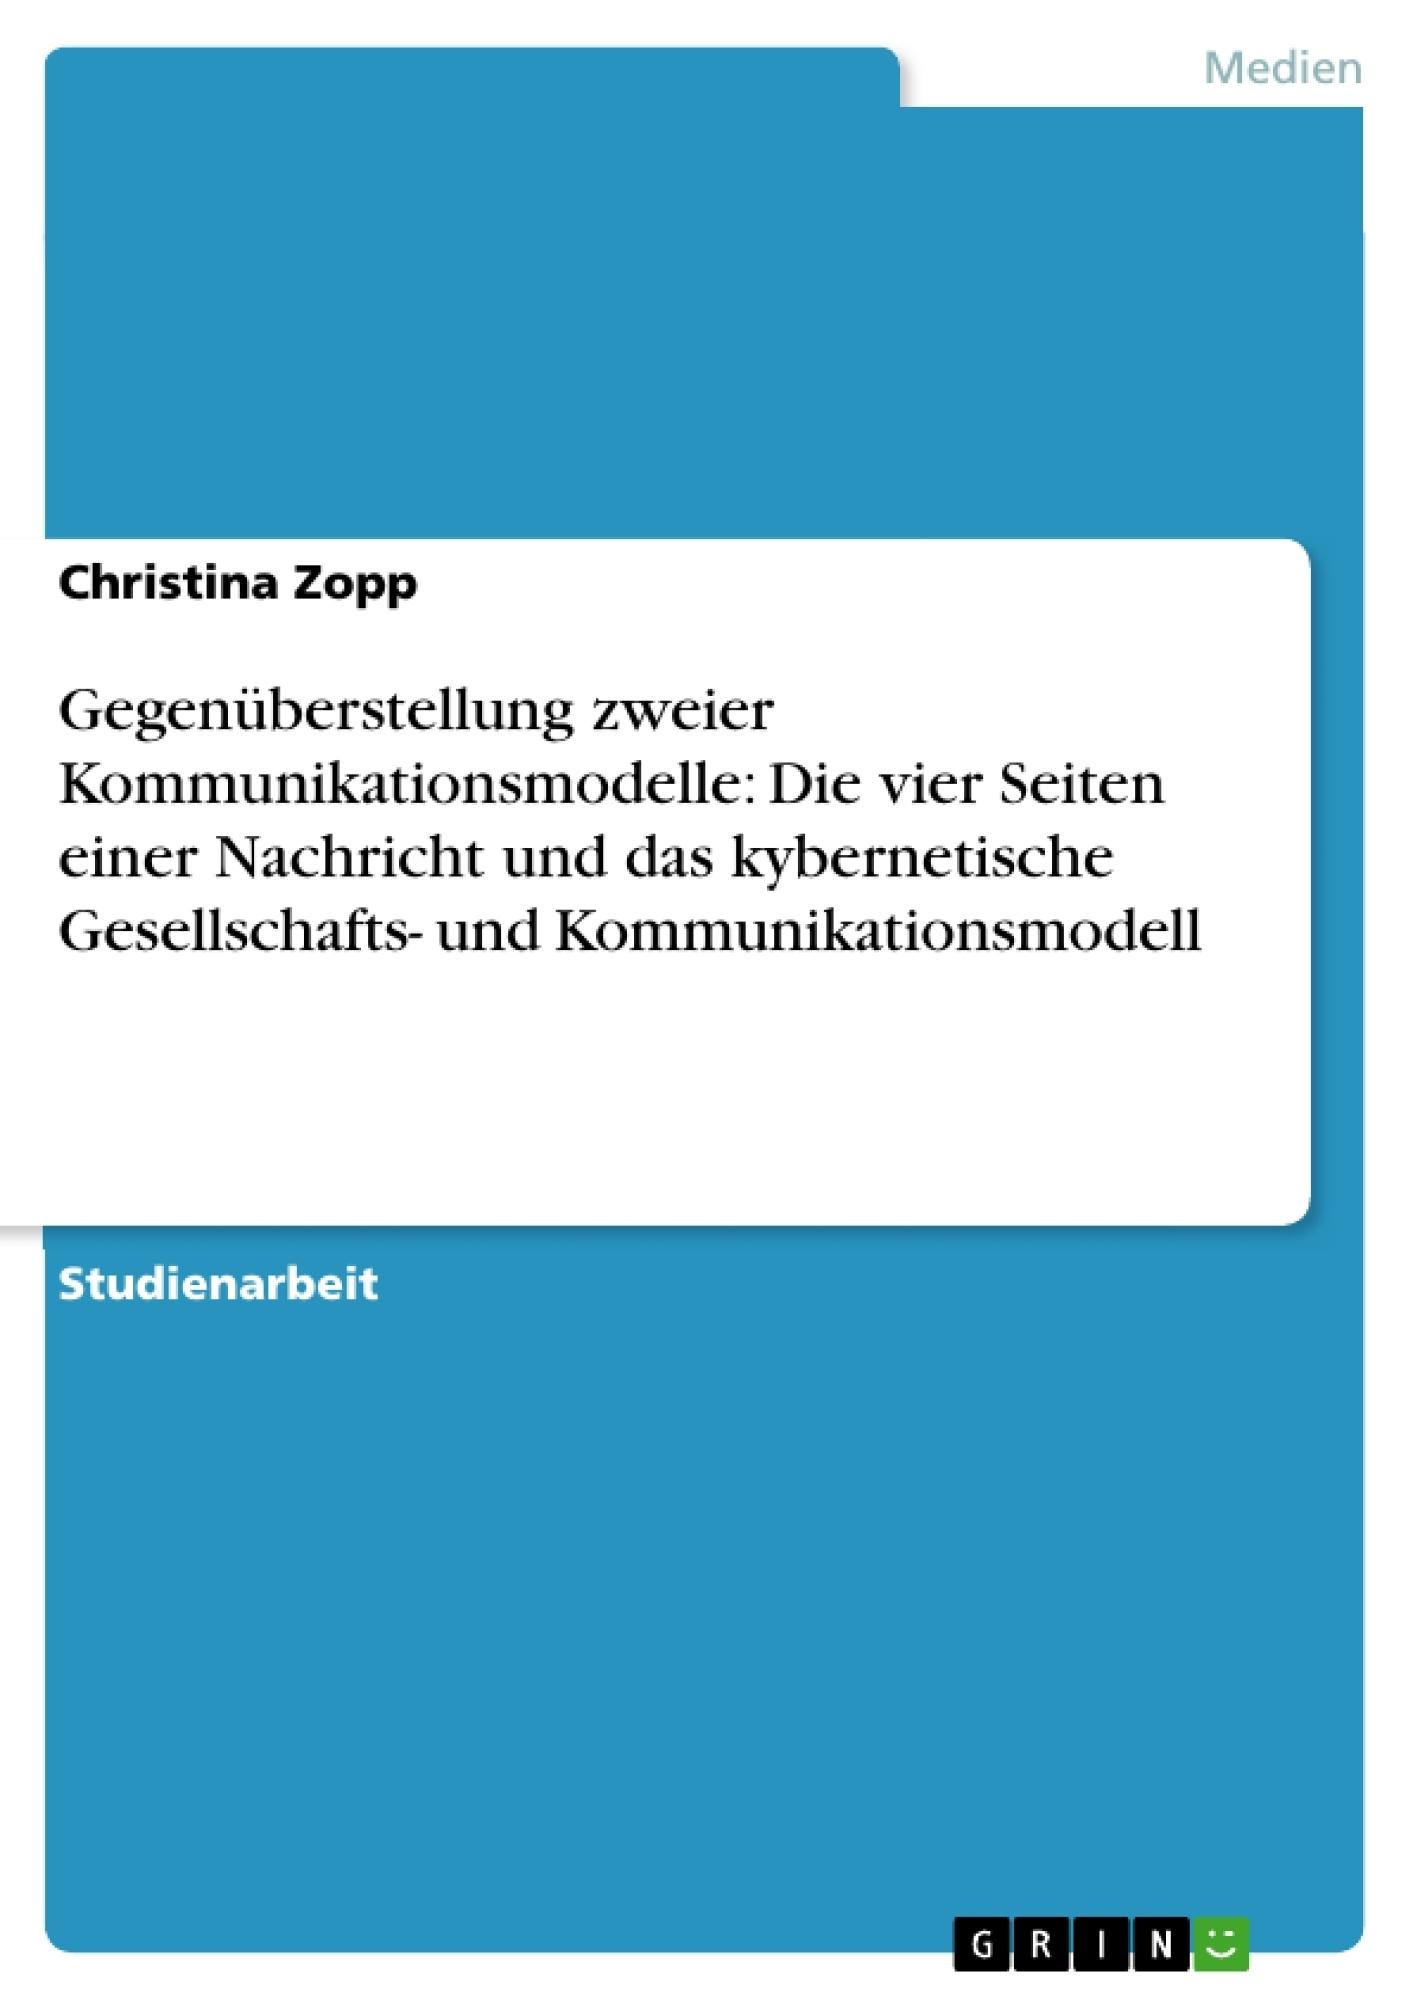 Titel: Gegenüberstellung zweier Kommunikationsmodelle: Die vier Seiten einer Nachricht und das kybernetische Gesellschafts- und Kommunikationsmodell